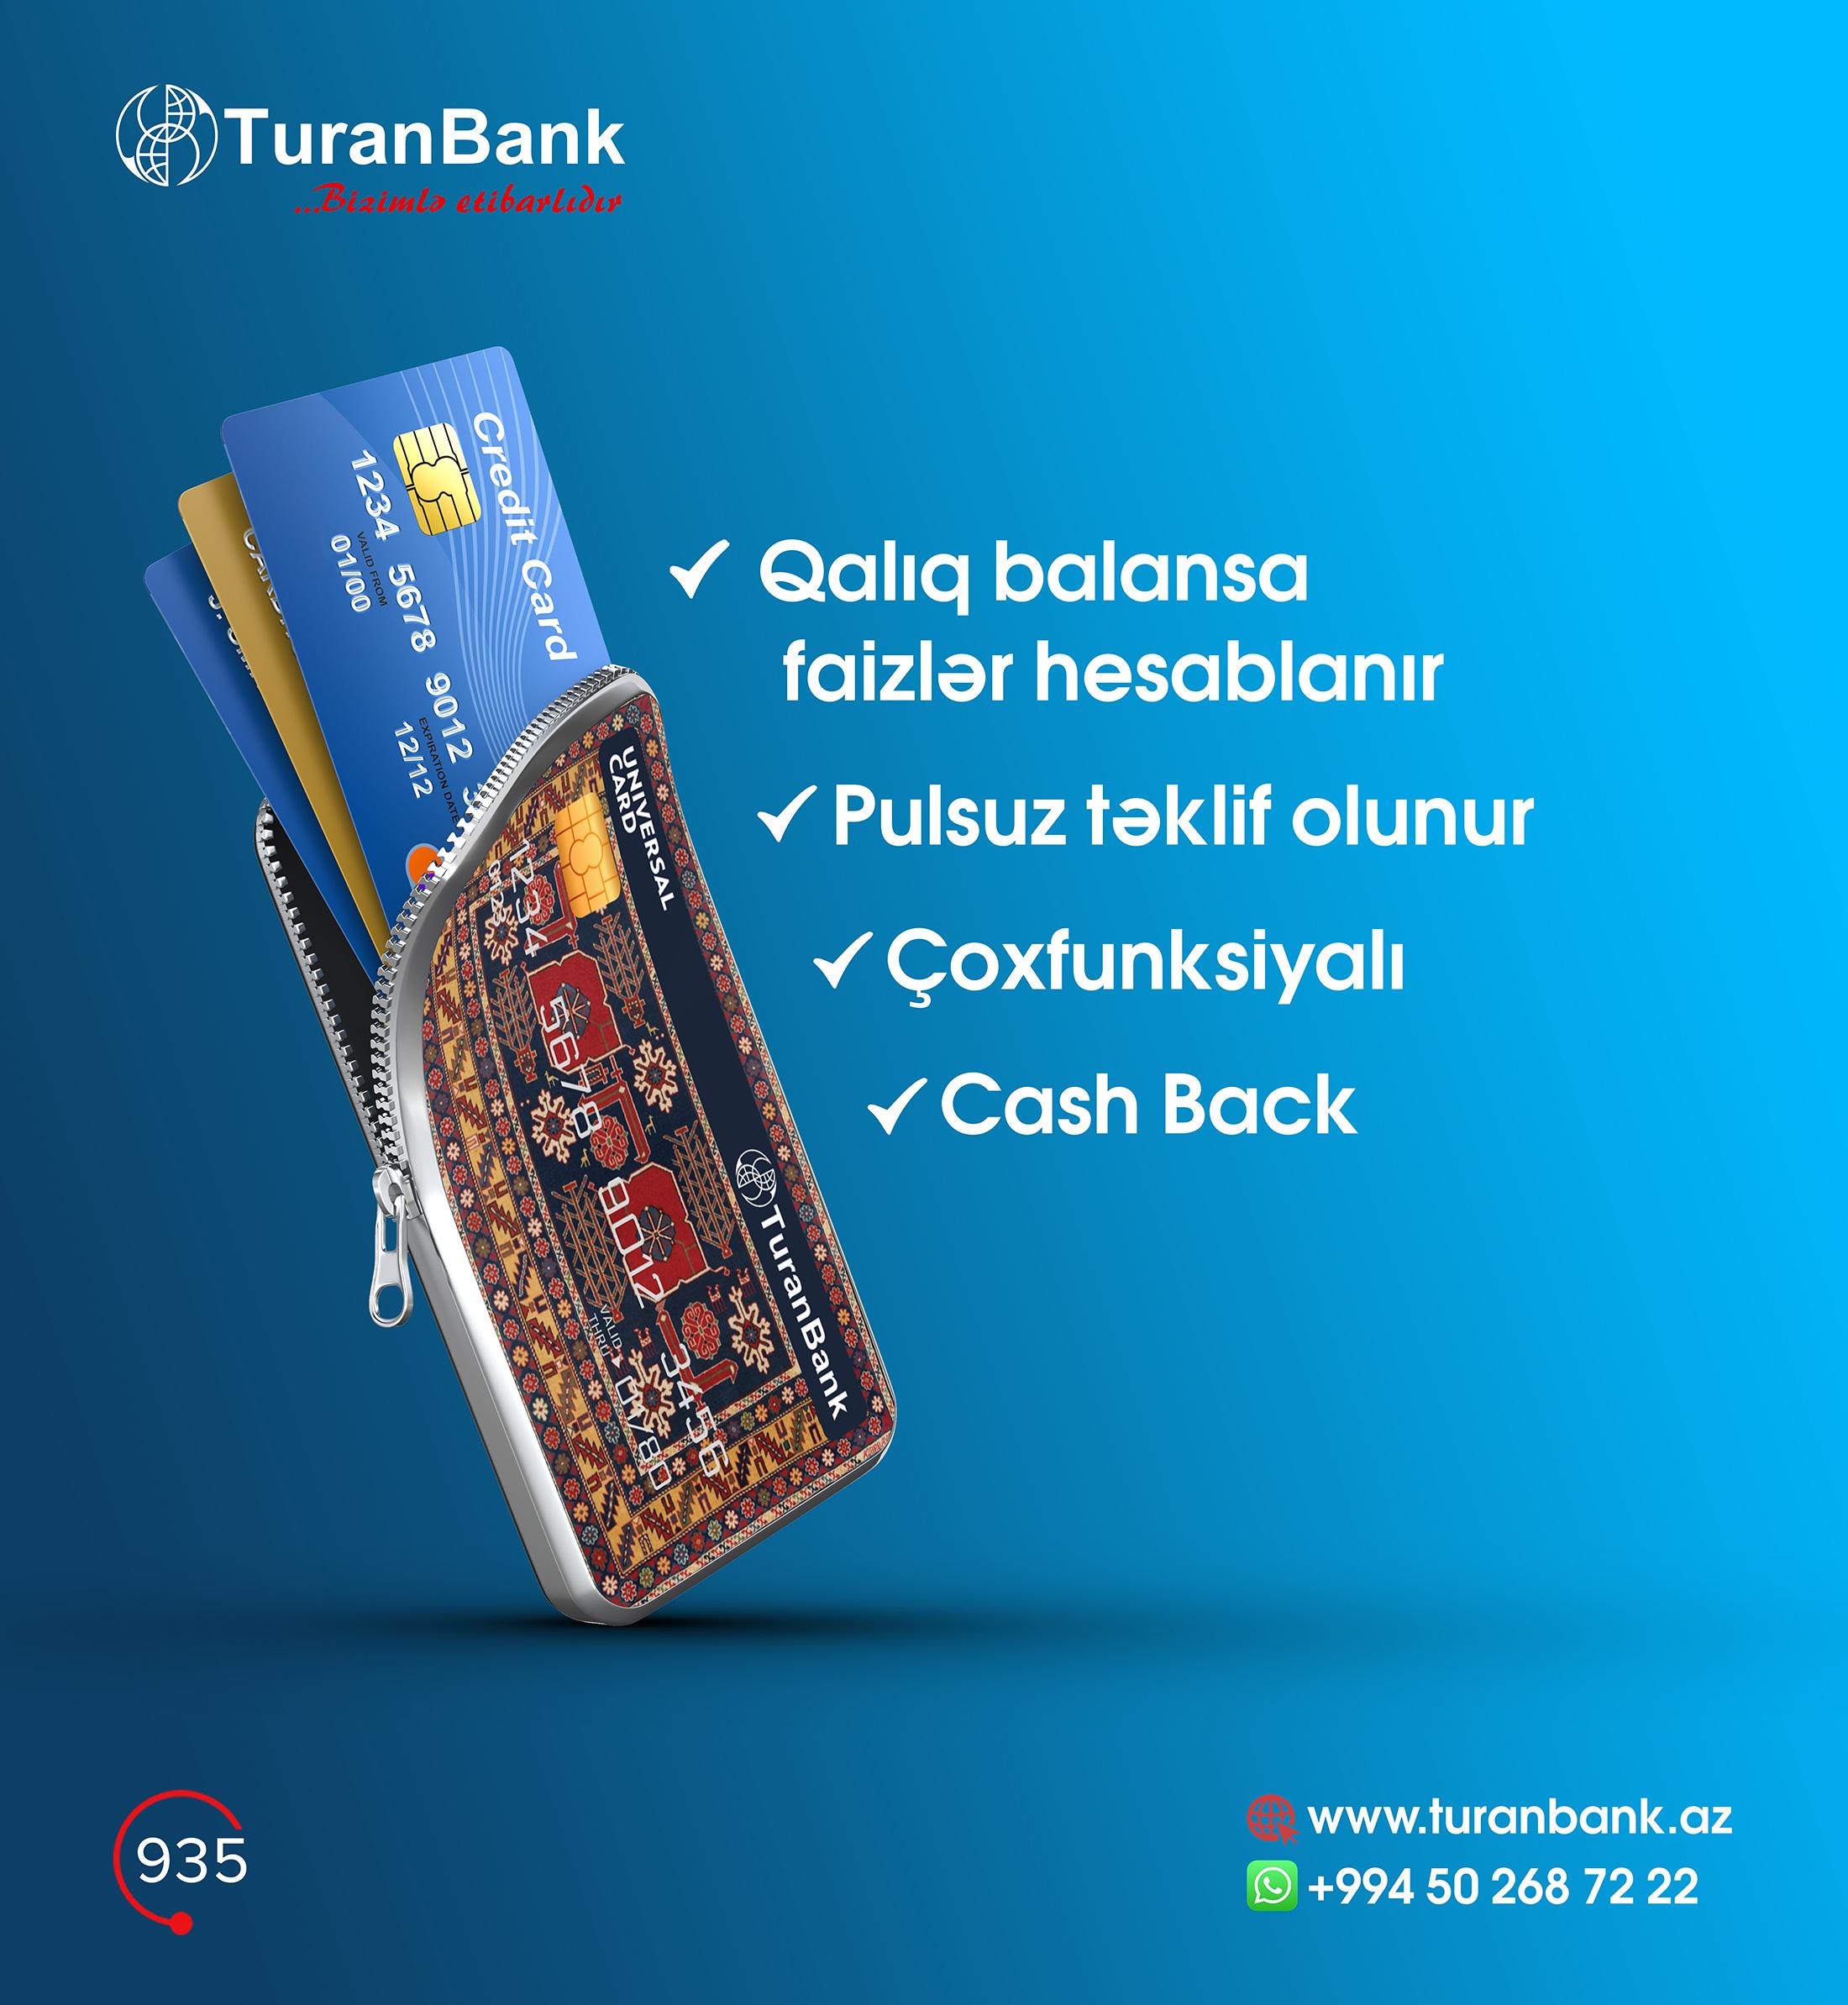 Встречайте многофункциональную карту от TuranBank!